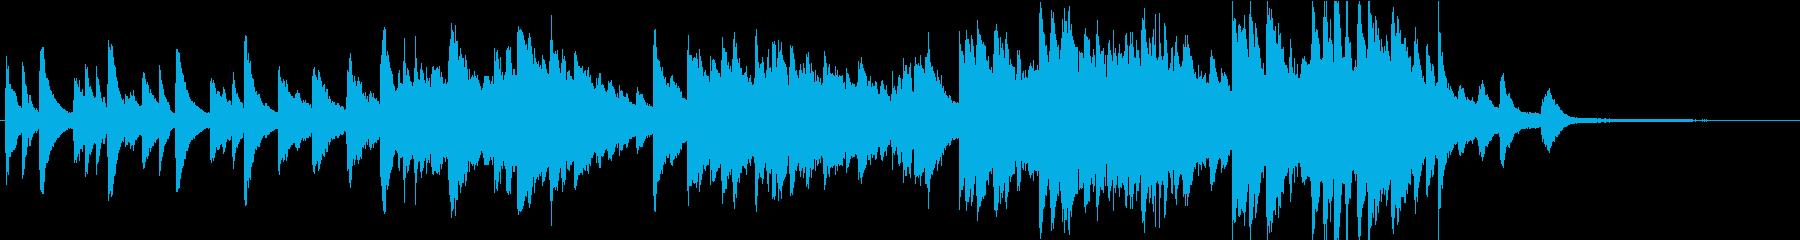 ファンタジックなピアノ曲の再生済みの波形